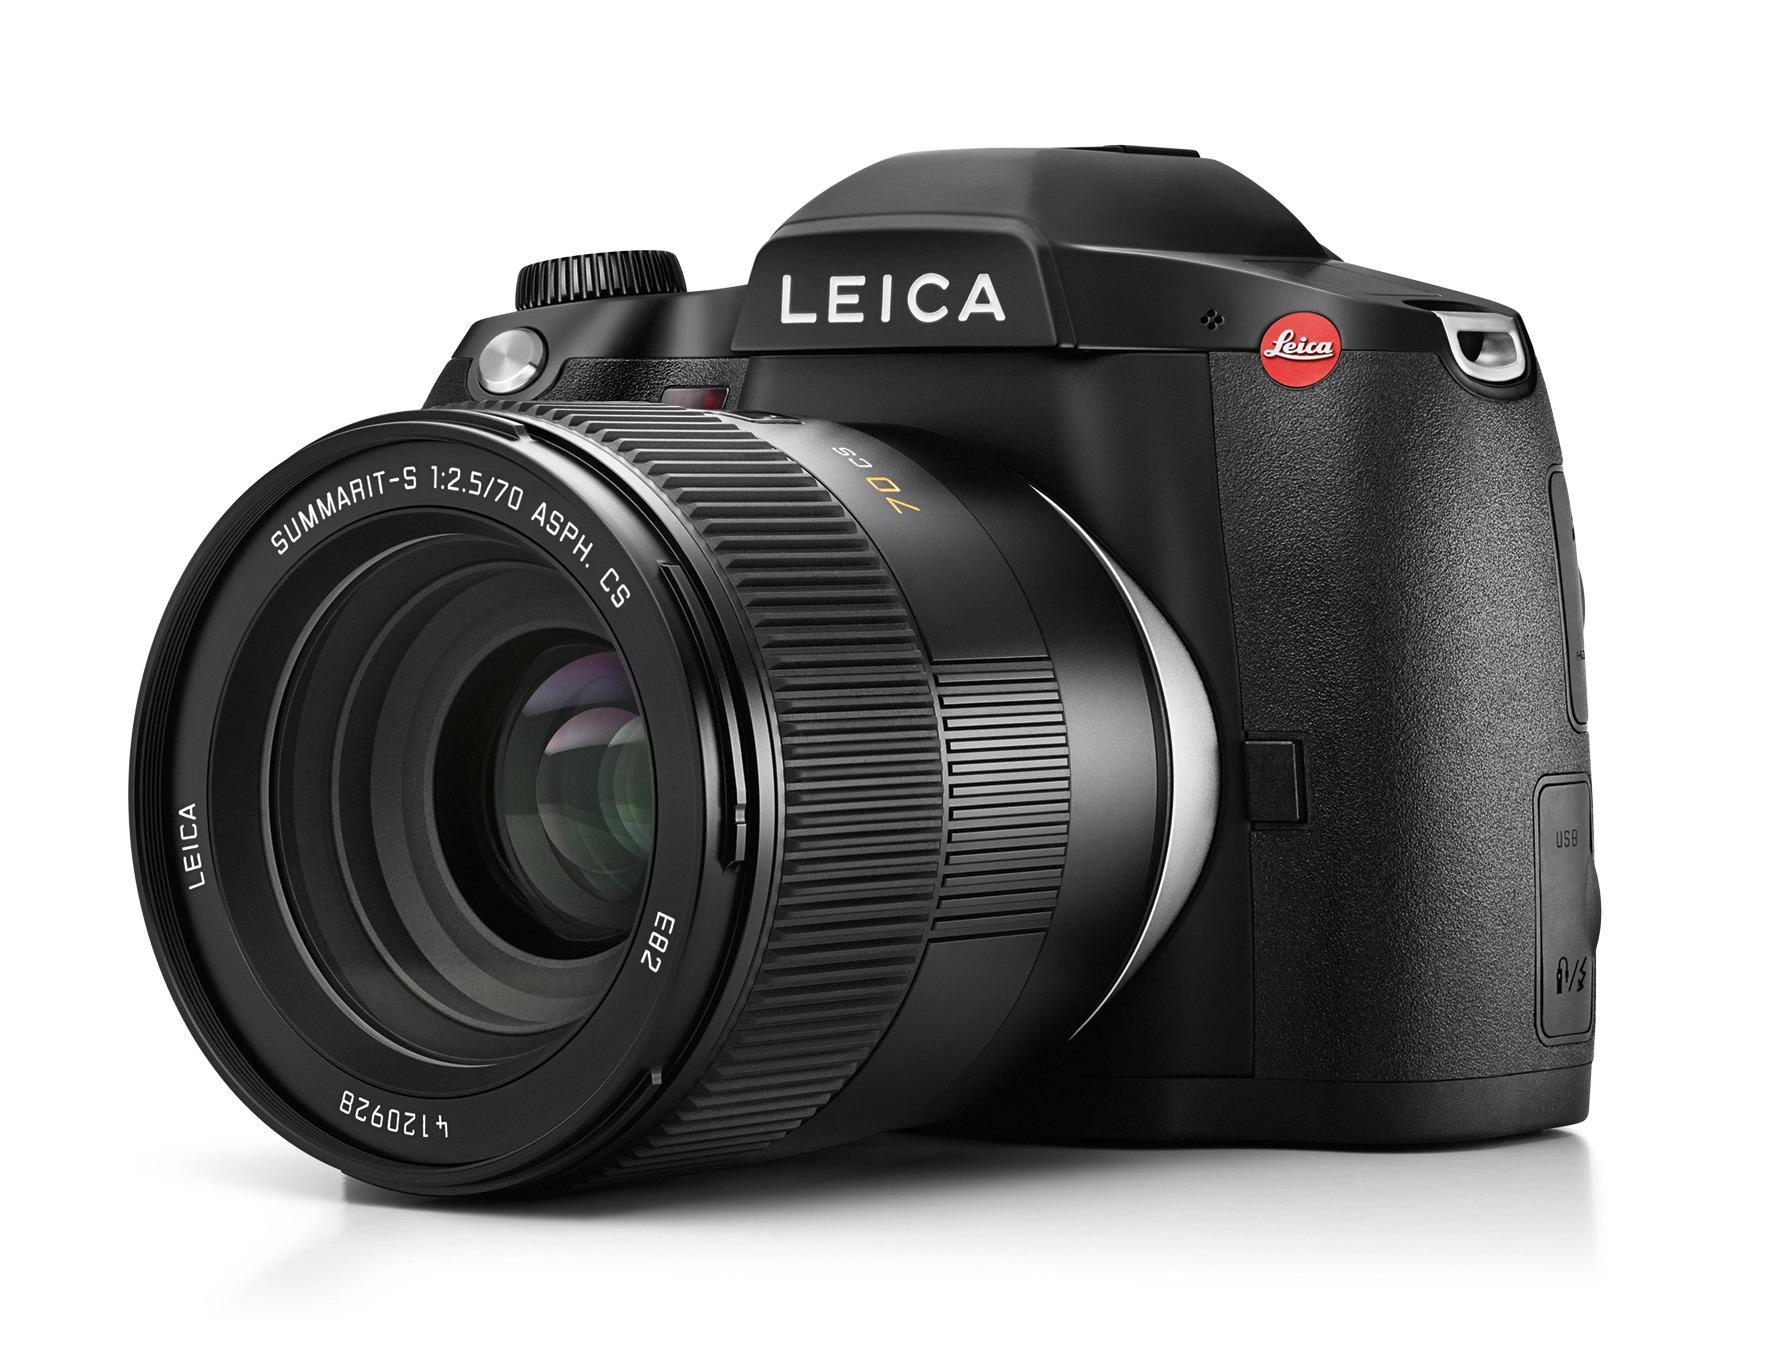 Leica S3 ra mắt với cảm biến Medium Format 64MP và quay video 4K - 2